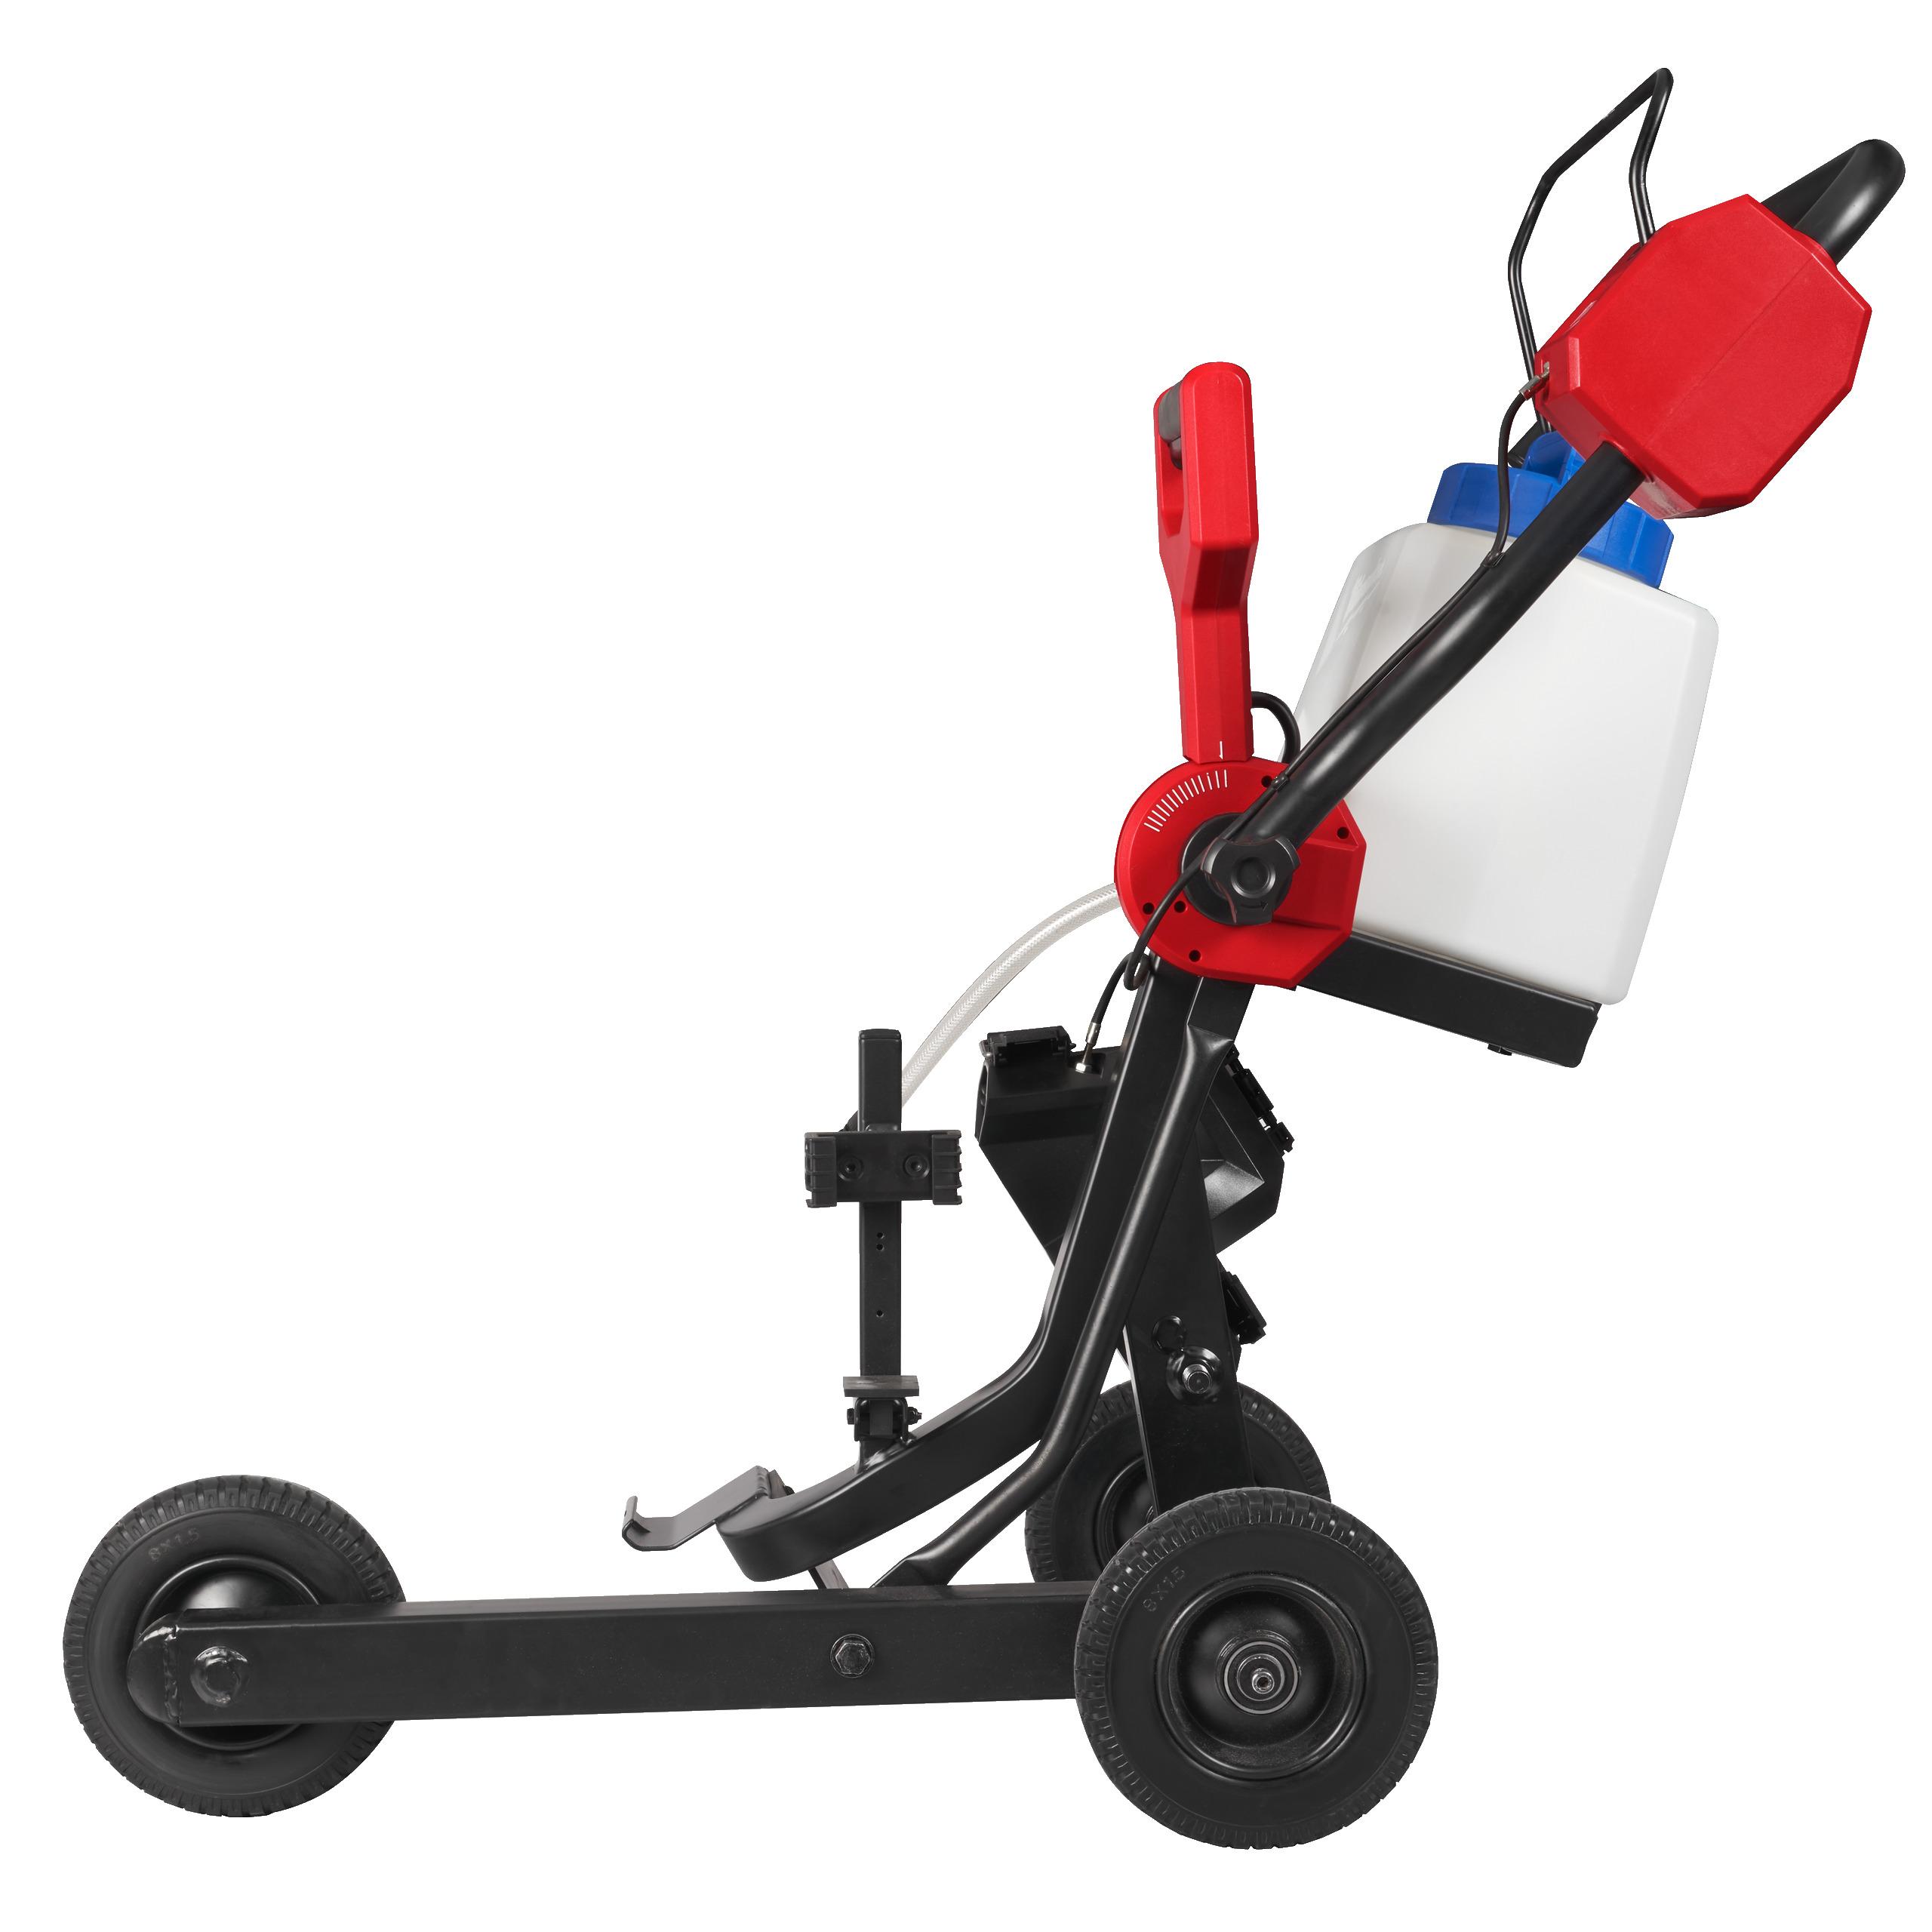 MX FUEL™ vozík k rozbrušovací pile